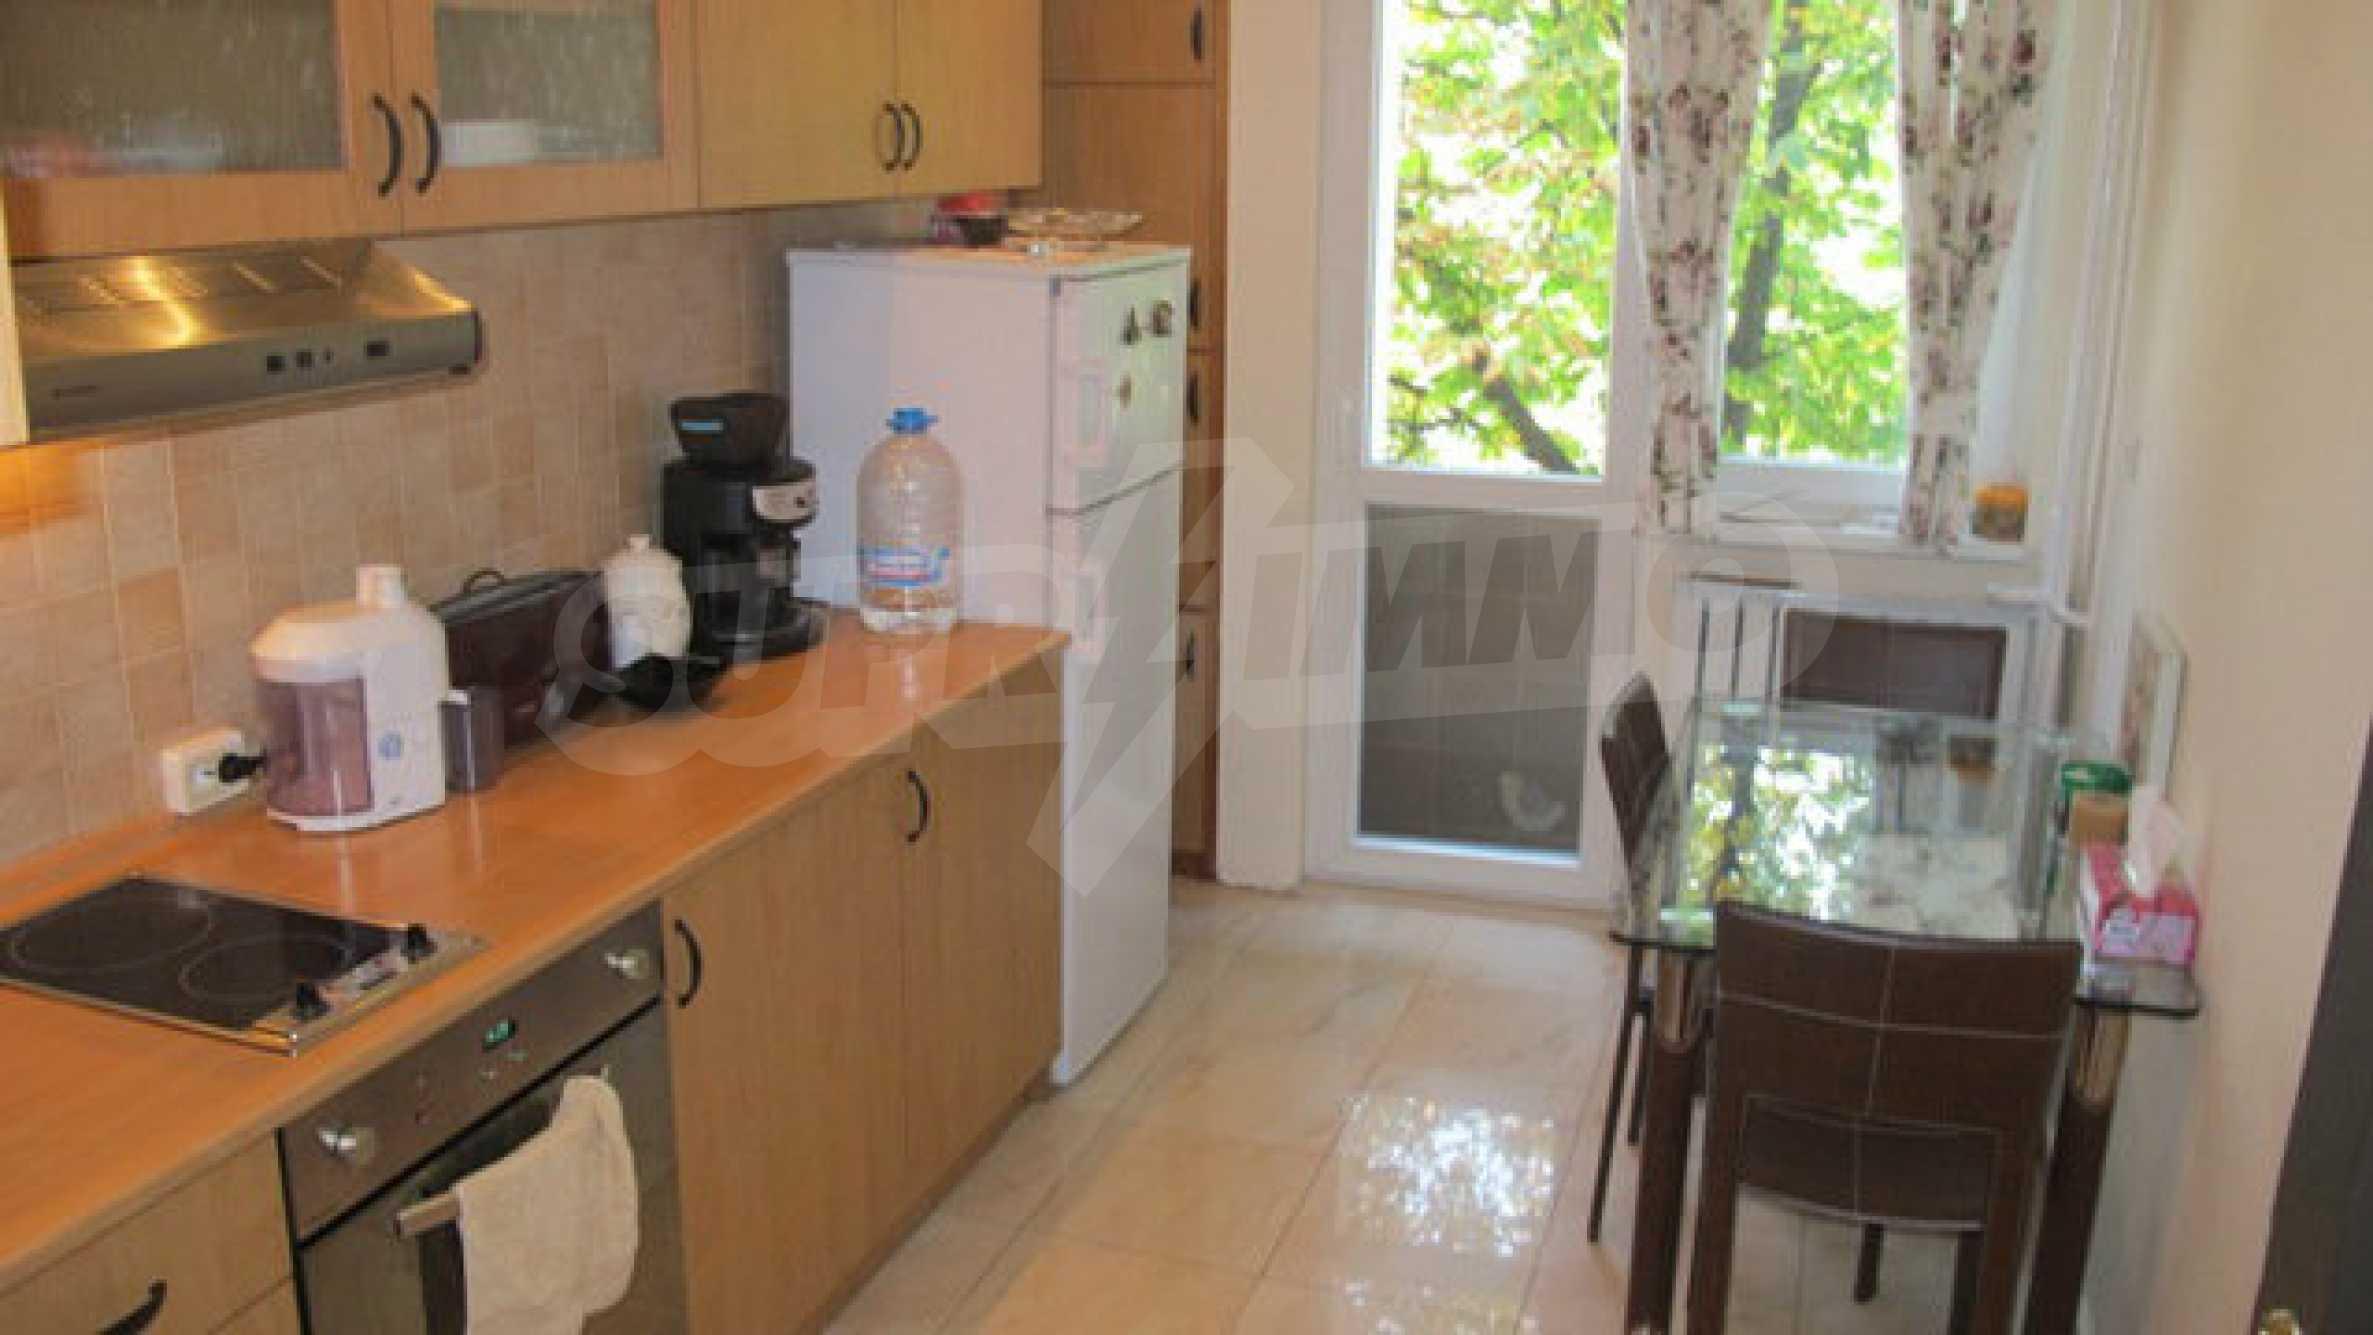 Zwei-Zimmer-Wohnung in einem idealen Zentrum 3